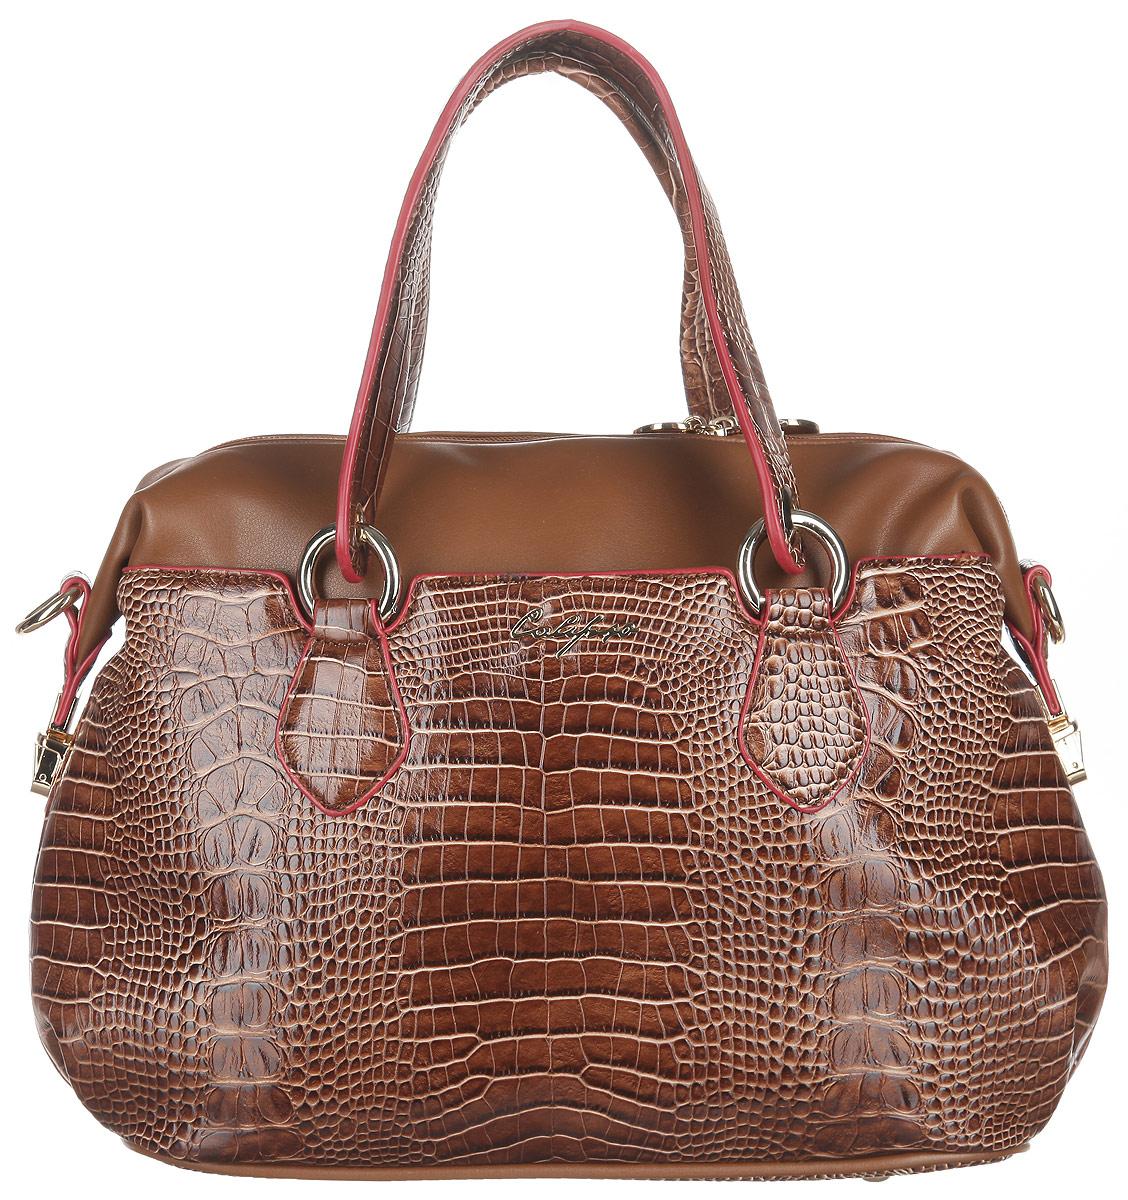 Сумка женская Calipso, цвет: коричневый. 448-021286-231448-021286-231Стильная женская сумка Calipso выполнена из искусственной кожи. Модель оформлена тиснением под крокодила, перфорированными вставками и символикой бренда. Изделие состоит из одного основного отделения, закрывающегося на пластиковую застежку-молнию. Внутри карман-средник на молнии, два нашивных кармана для мелочей и врезной карман на молнии, а также предусмотрен ремешок с кольцом для ключей. Снаружи по обеим сторонам сумки расположены прорезные карманы, каждый из которых закрывается на магнитную кнопку. Верхние боковые углы сумки фиксируются на замки-защелки. Дно сумки дополнено металлическими ножками, что предотвращает повреждение изделия. Сумка оснащена двумя удобными ручками с металлическими кольцами у основания и съемным плечевым ремнем, регулируемой длины. Прилагается фирменный текстильный чехол для хранения. Сумка - это стильный аксессуар, который сделает ваш образ изысканным и завершенным. Классические формы и оригинальное оформление сумки Calipso...